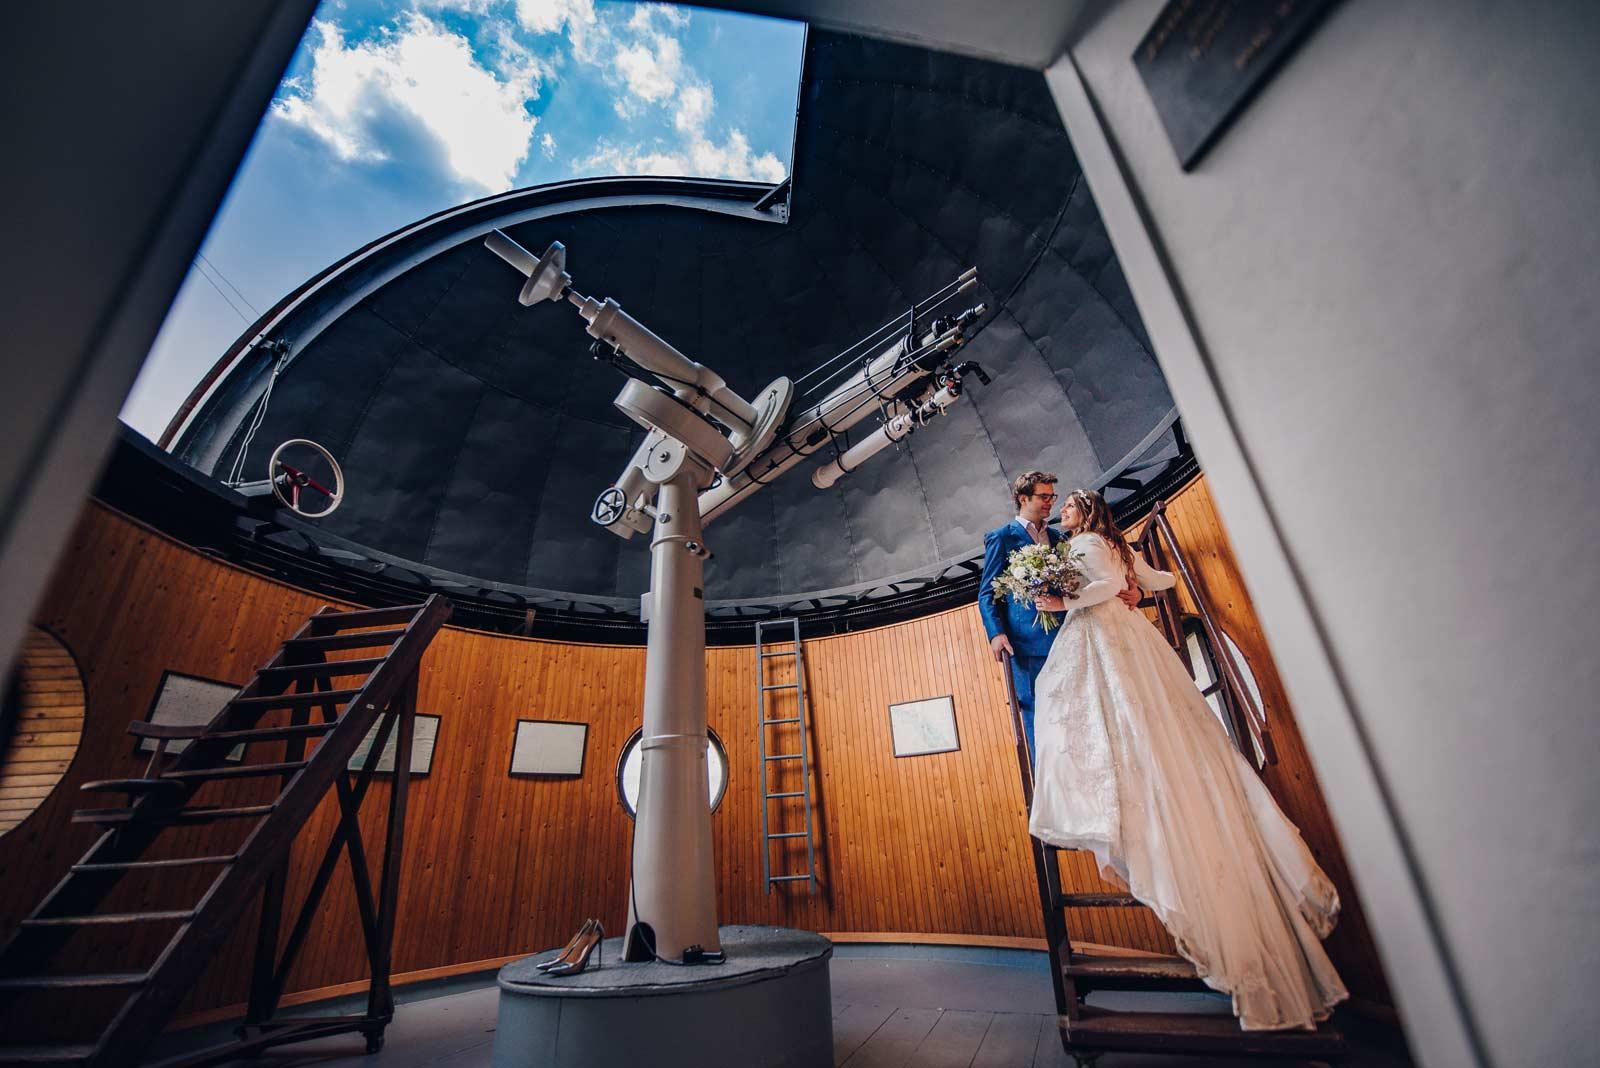 svatebni fotograf Brno - svatba brnenske planetarium